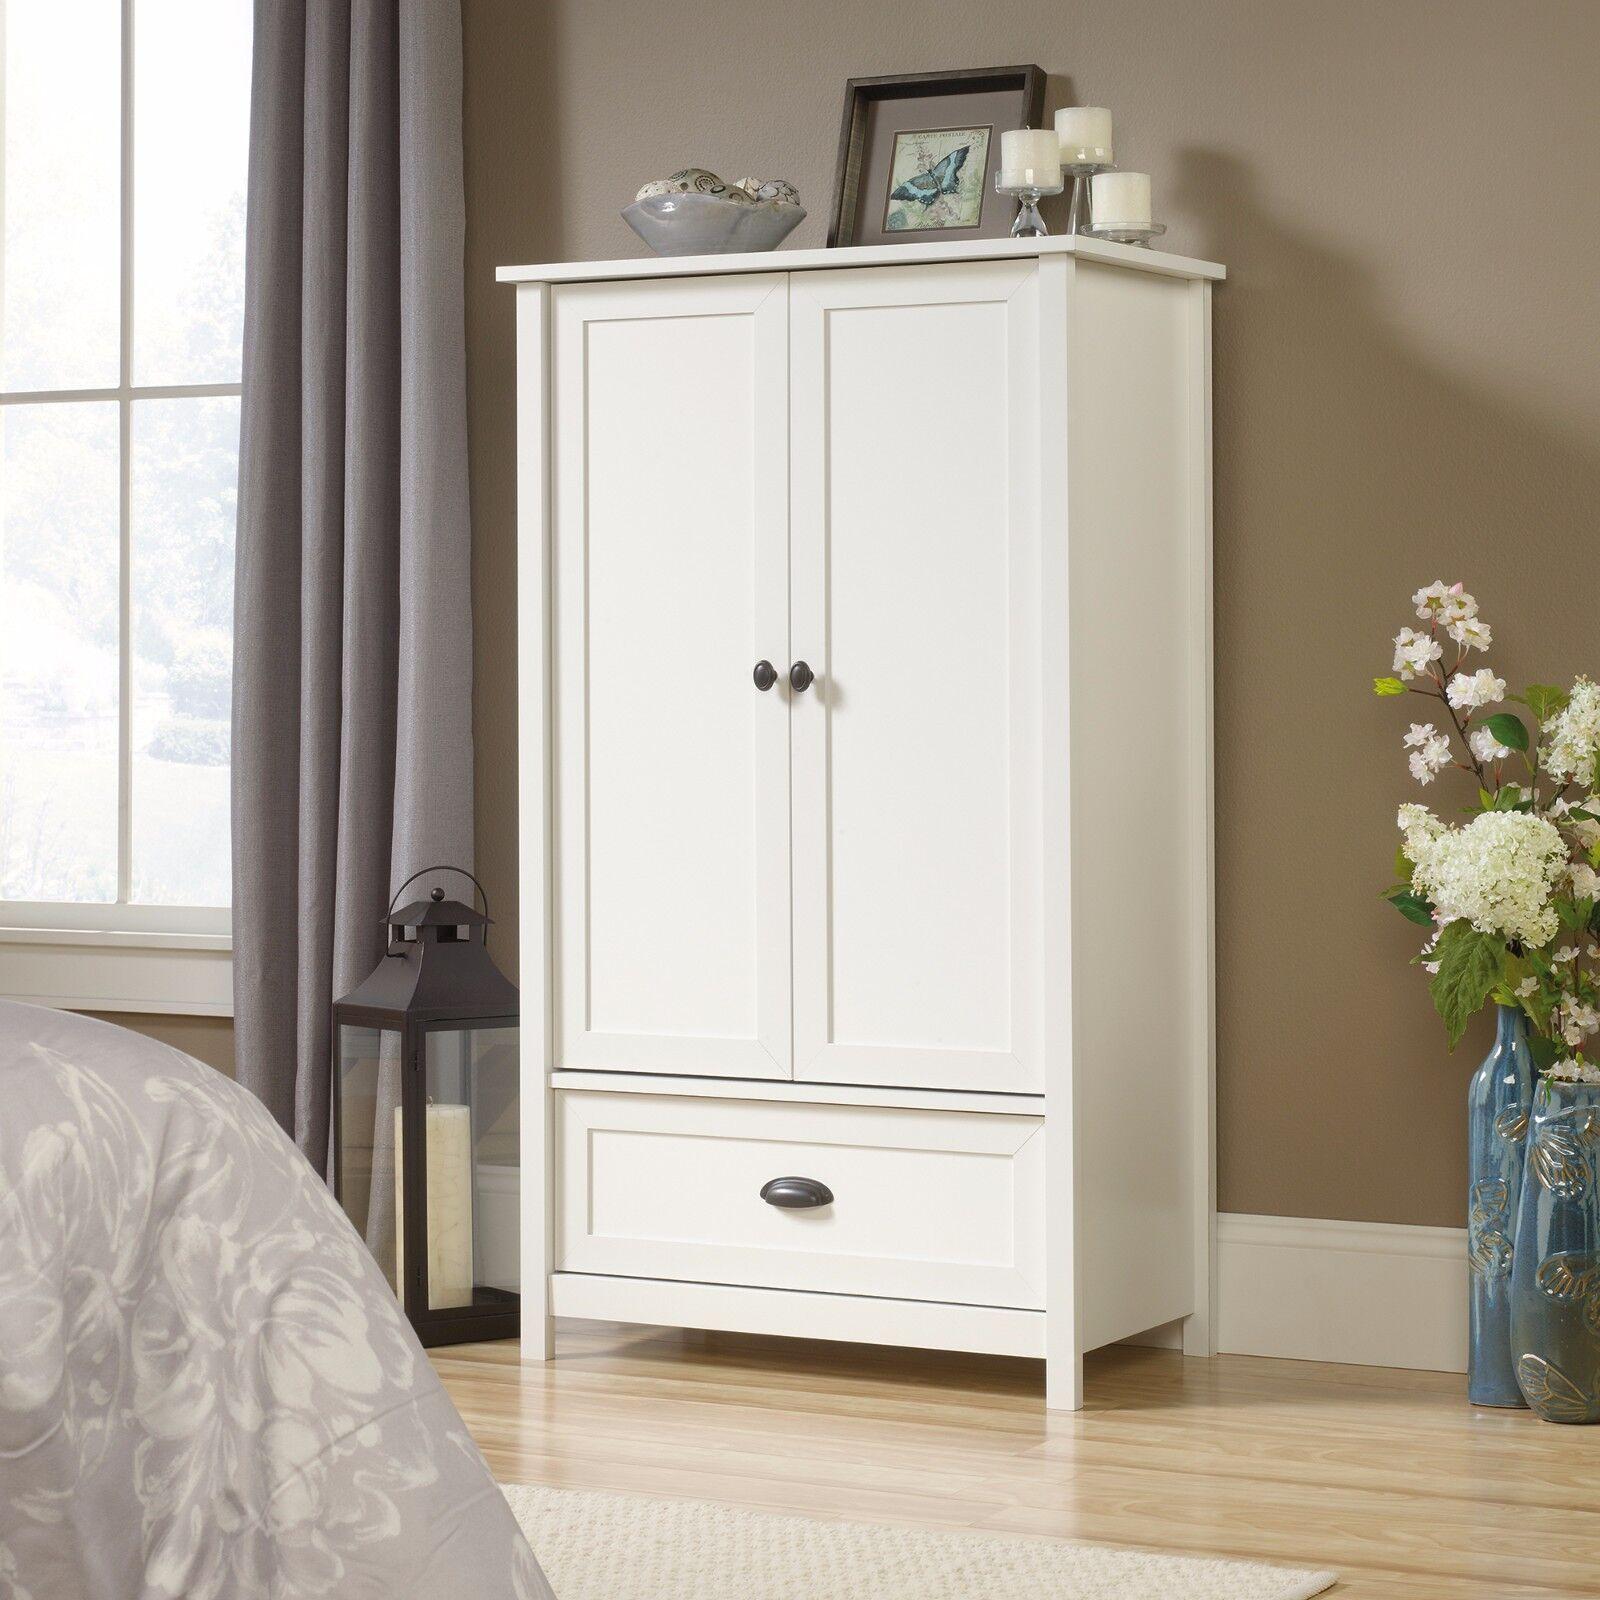 wood armoire  new white wardrobe closet storage armoire clothes  - wood armoire  new white wardrobe closet storage armoire clothes cabinetwhite bedroom dresser